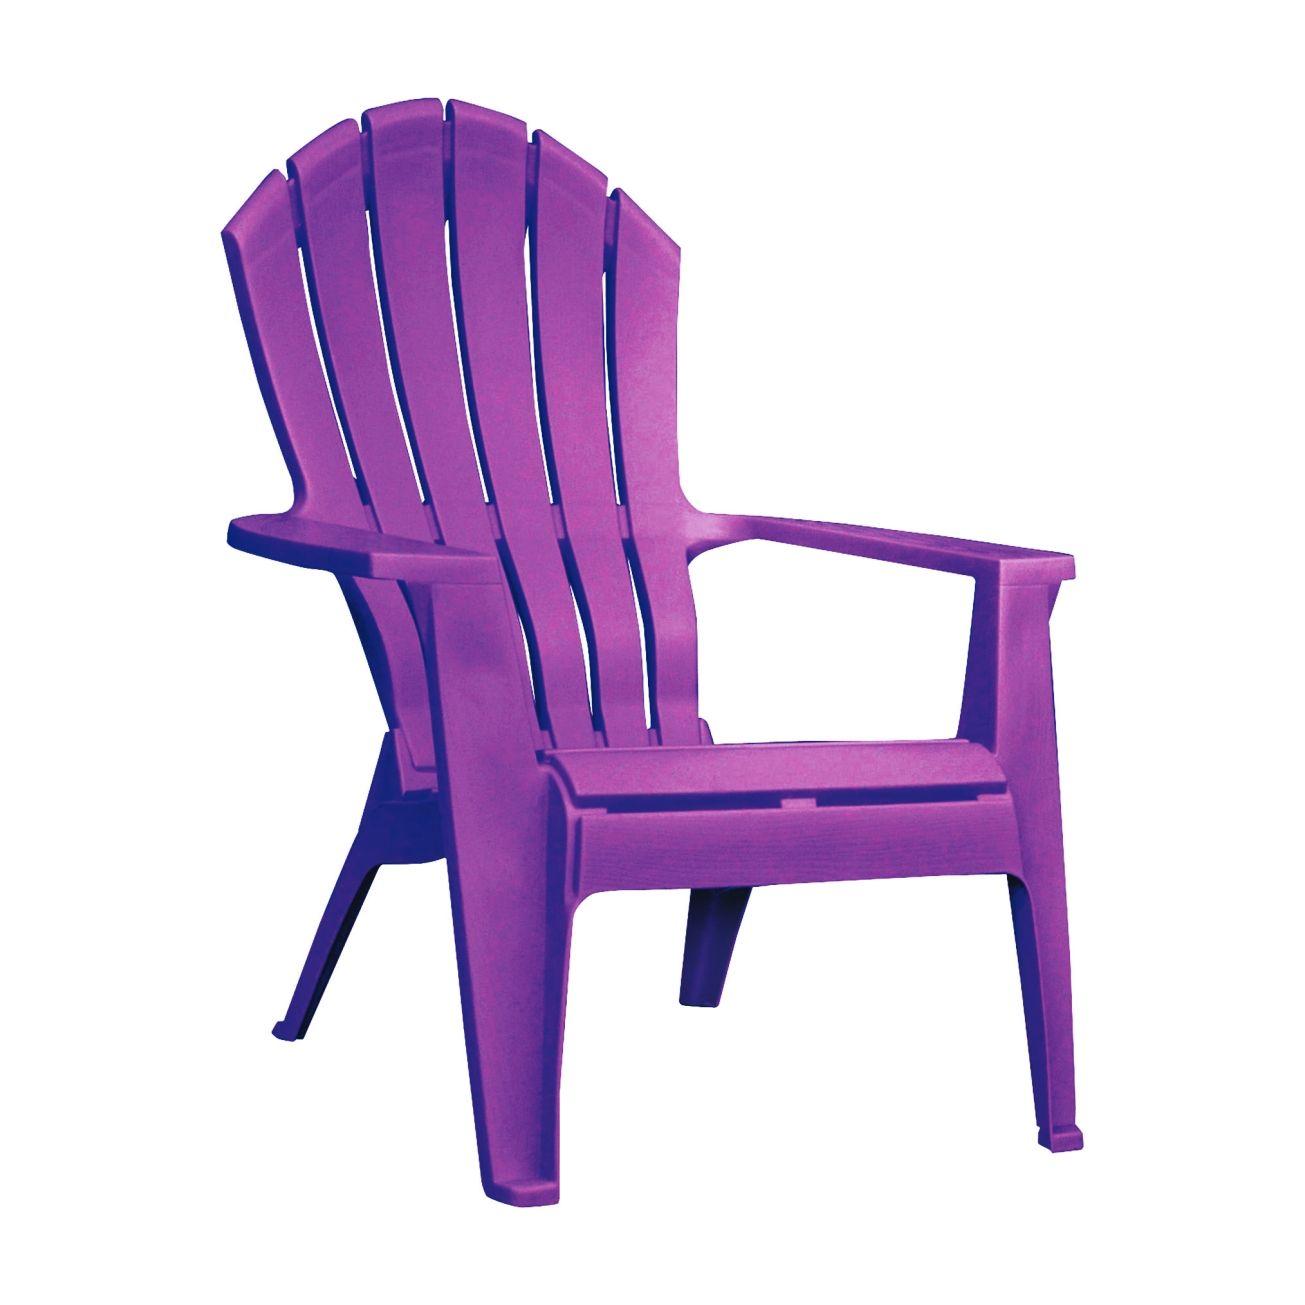 Adams real comfort resin adirondack chair 8371123900